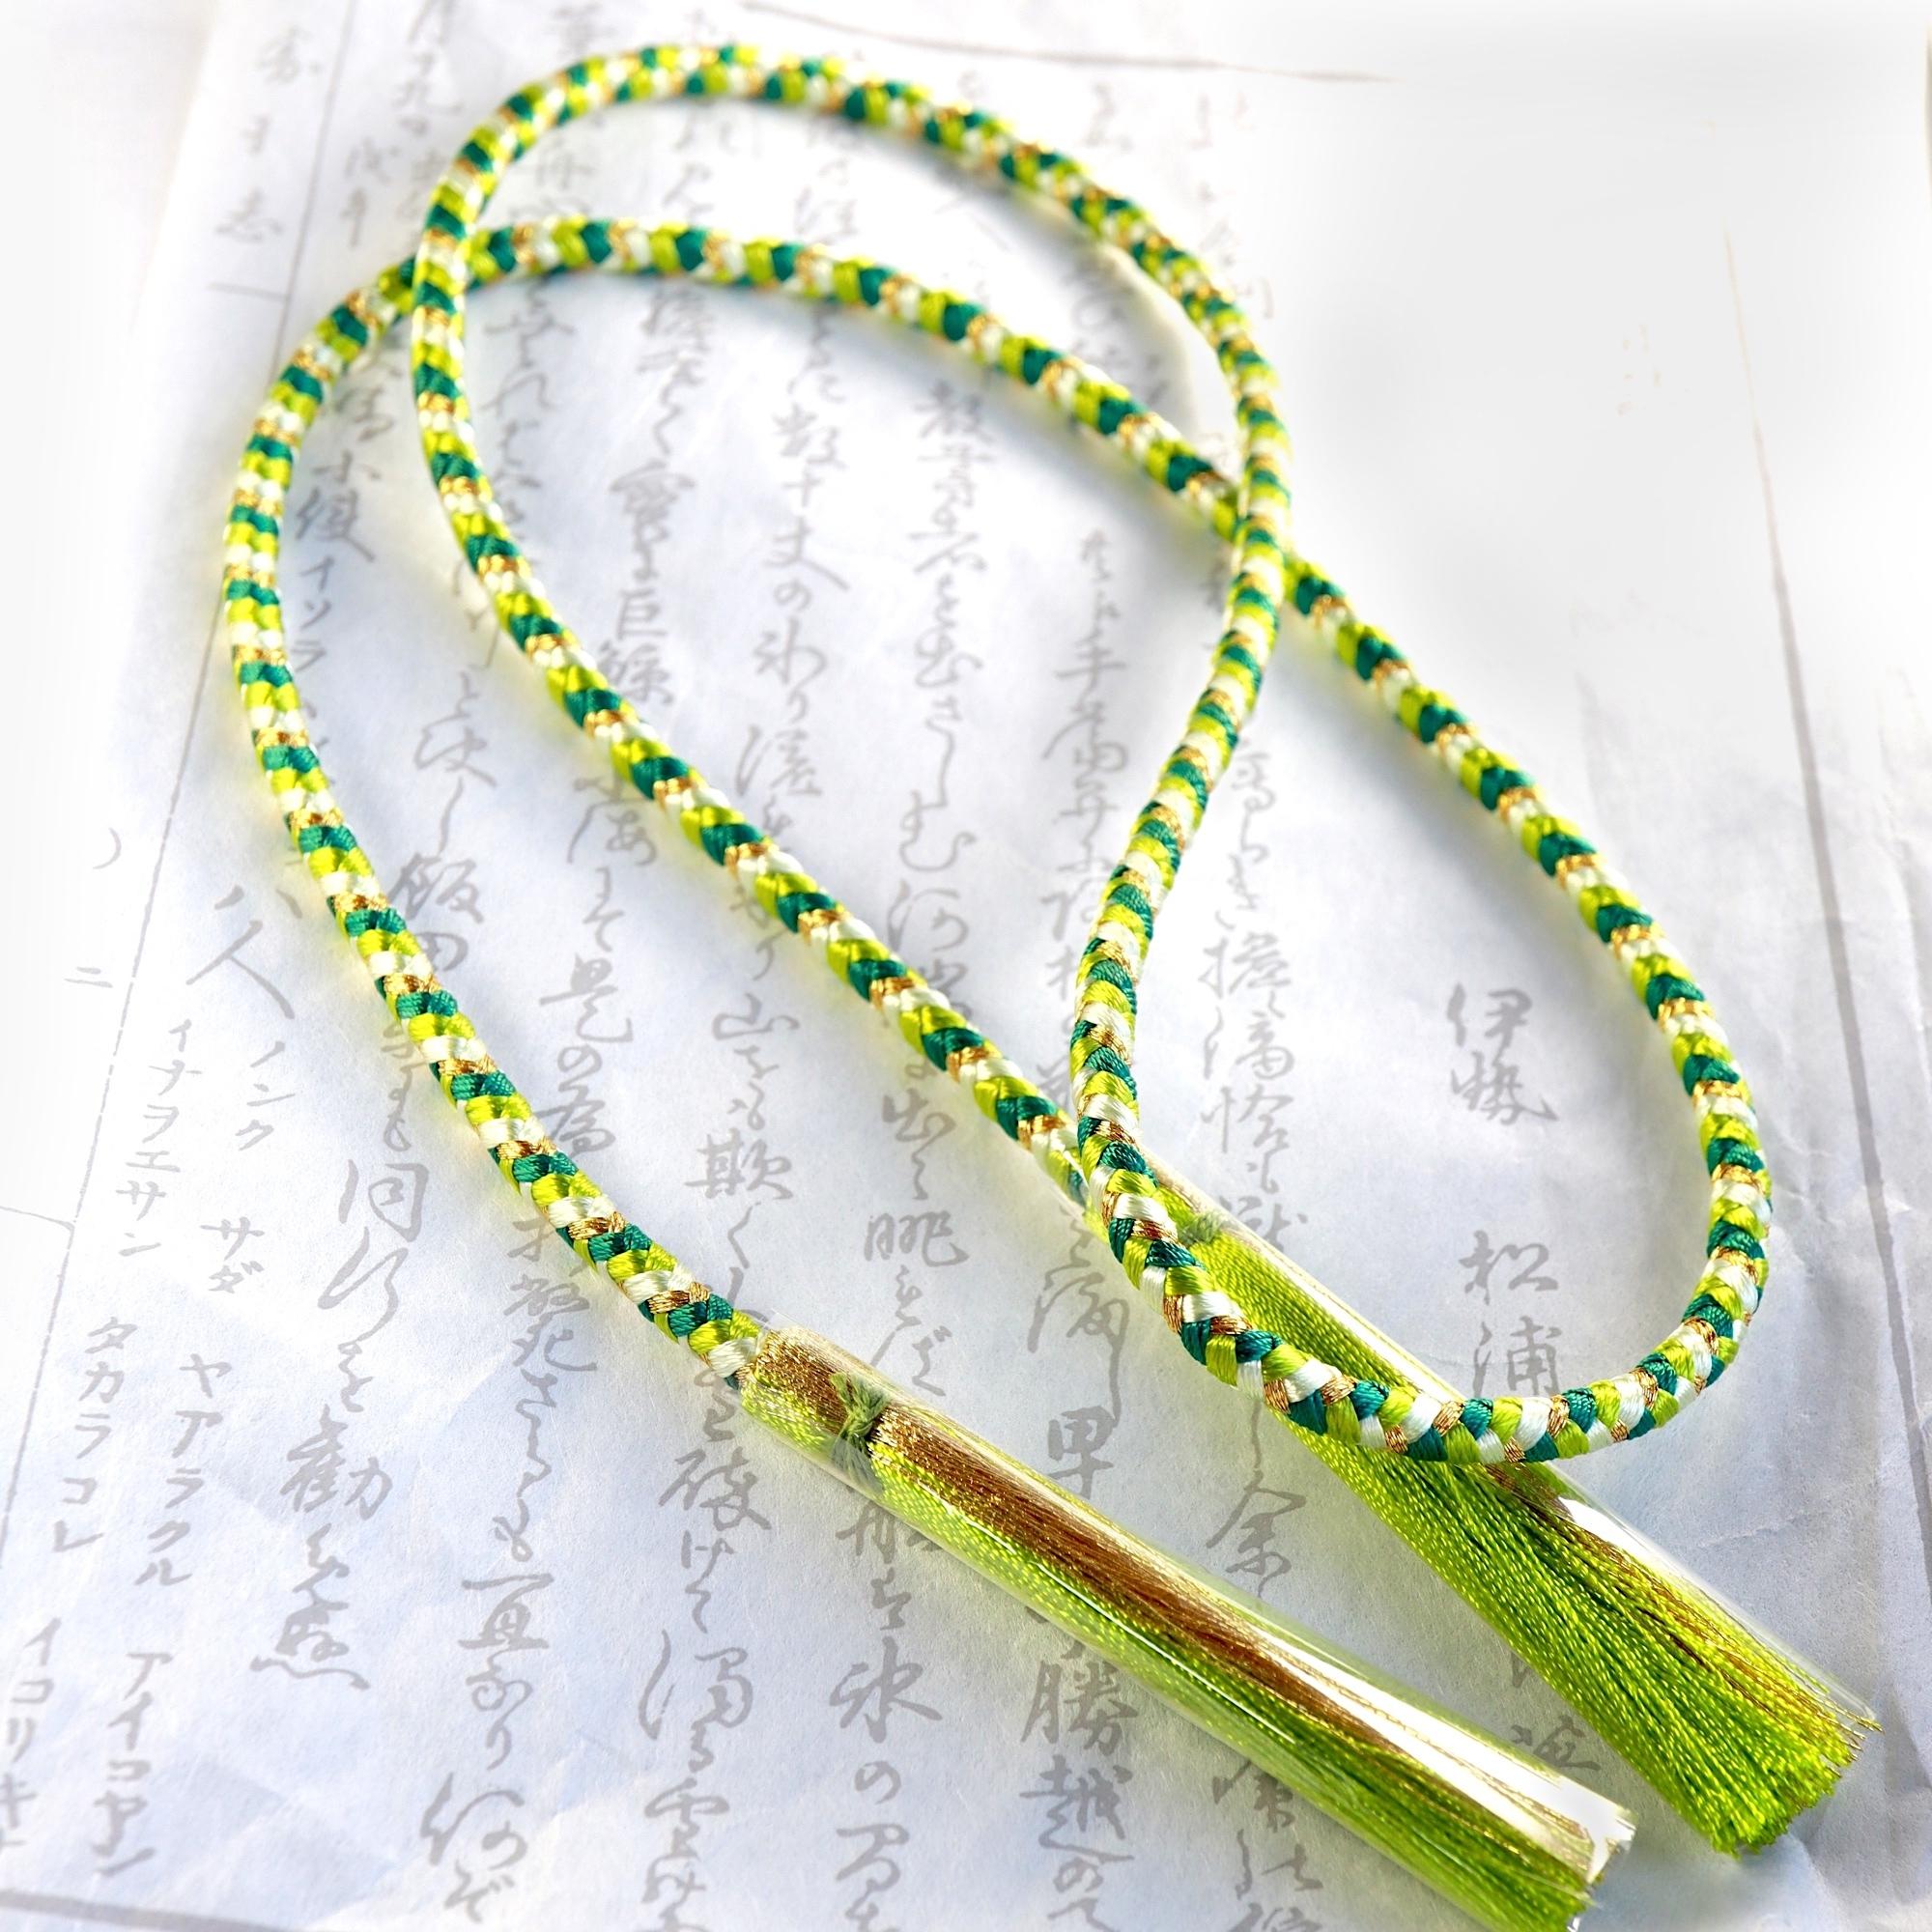 【組紐】グリーン 房付き飾り紐